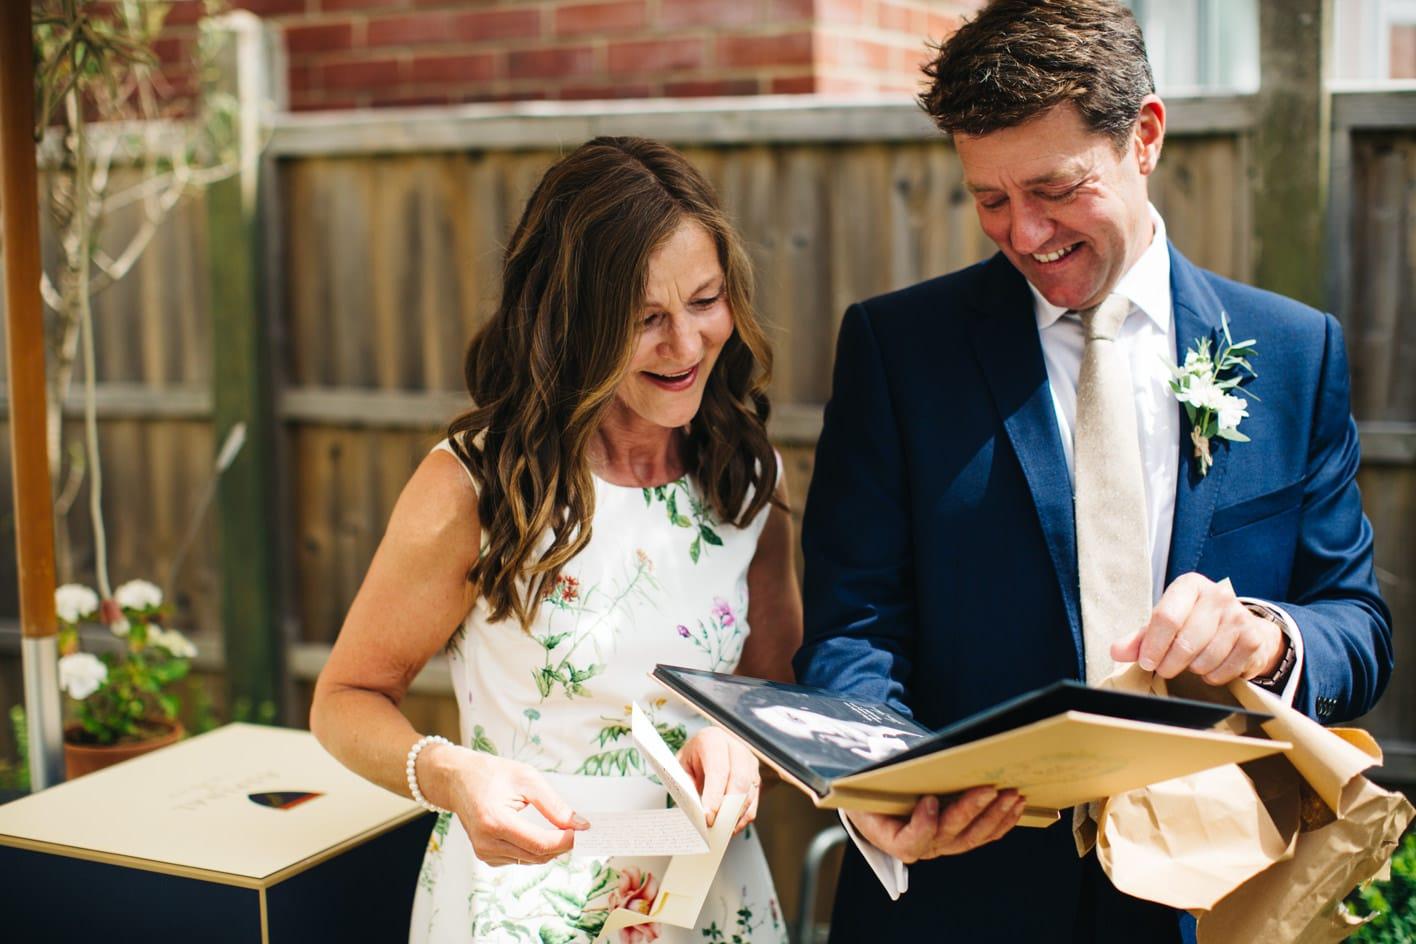 brides parents open gift